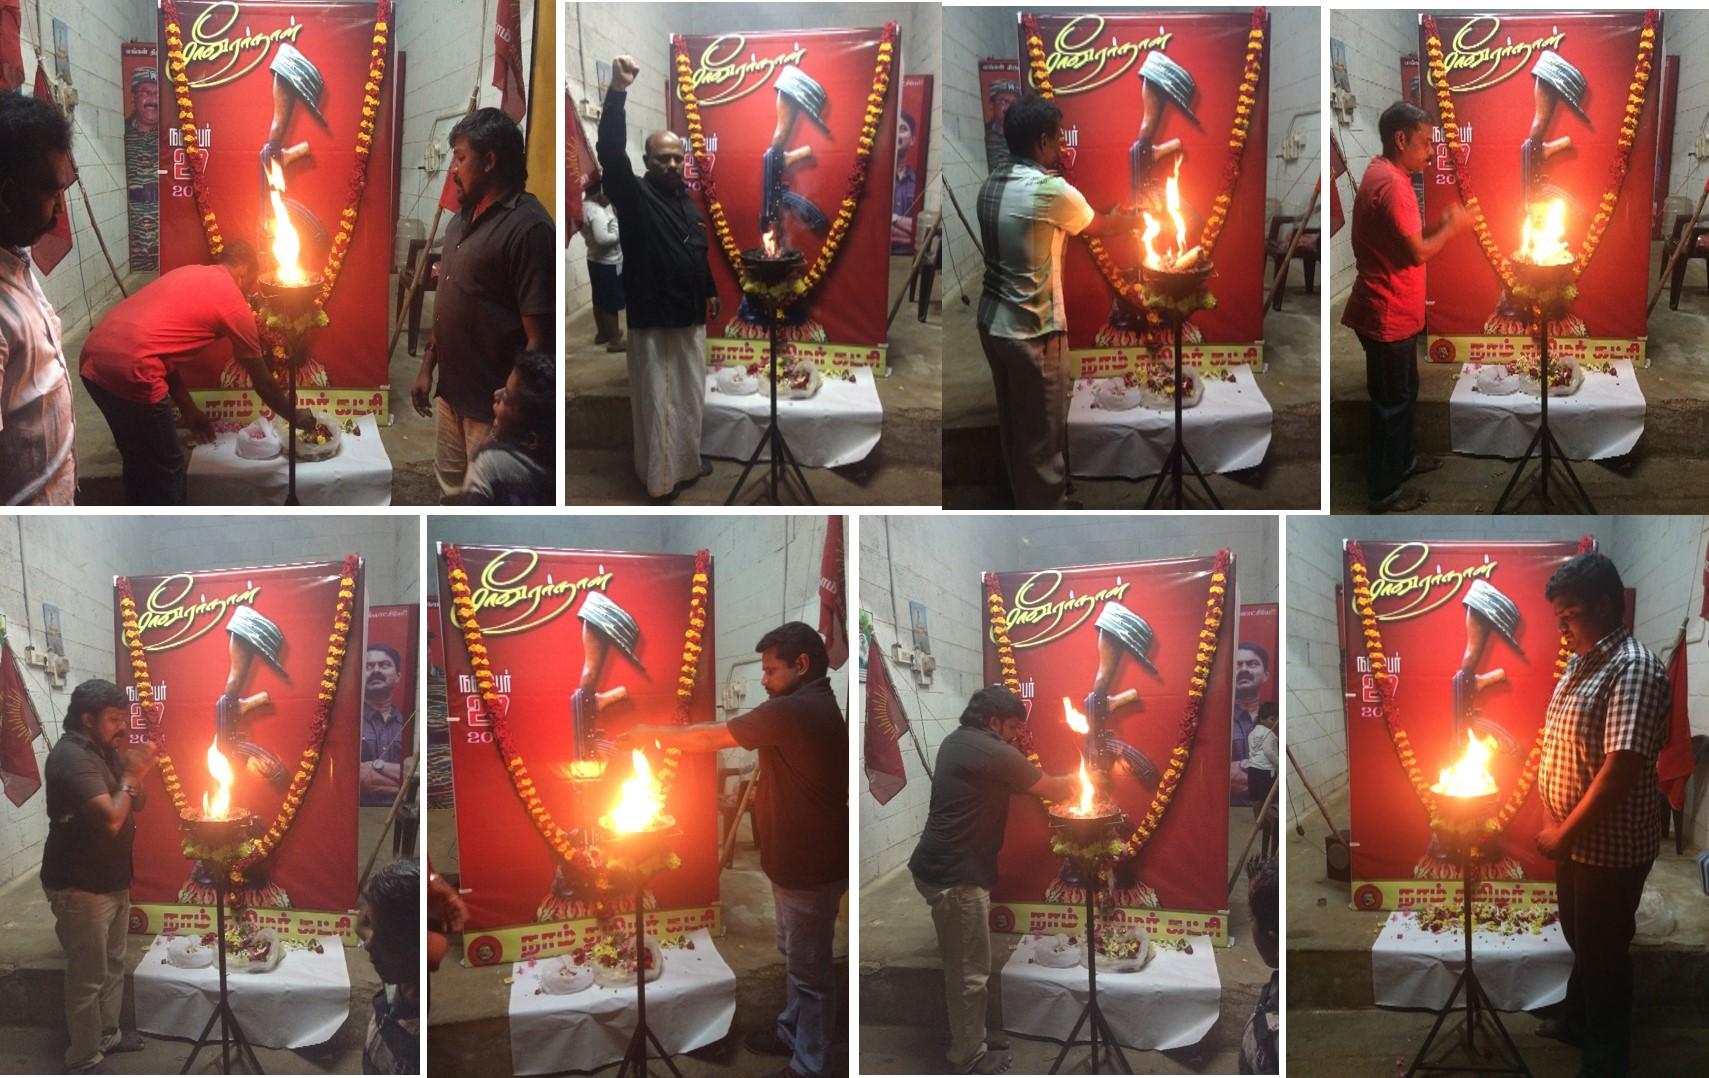 மாவீரர் நாள் நிகழ்வு-உடுமலை - மடத்துக்குளம்  தொகுதி